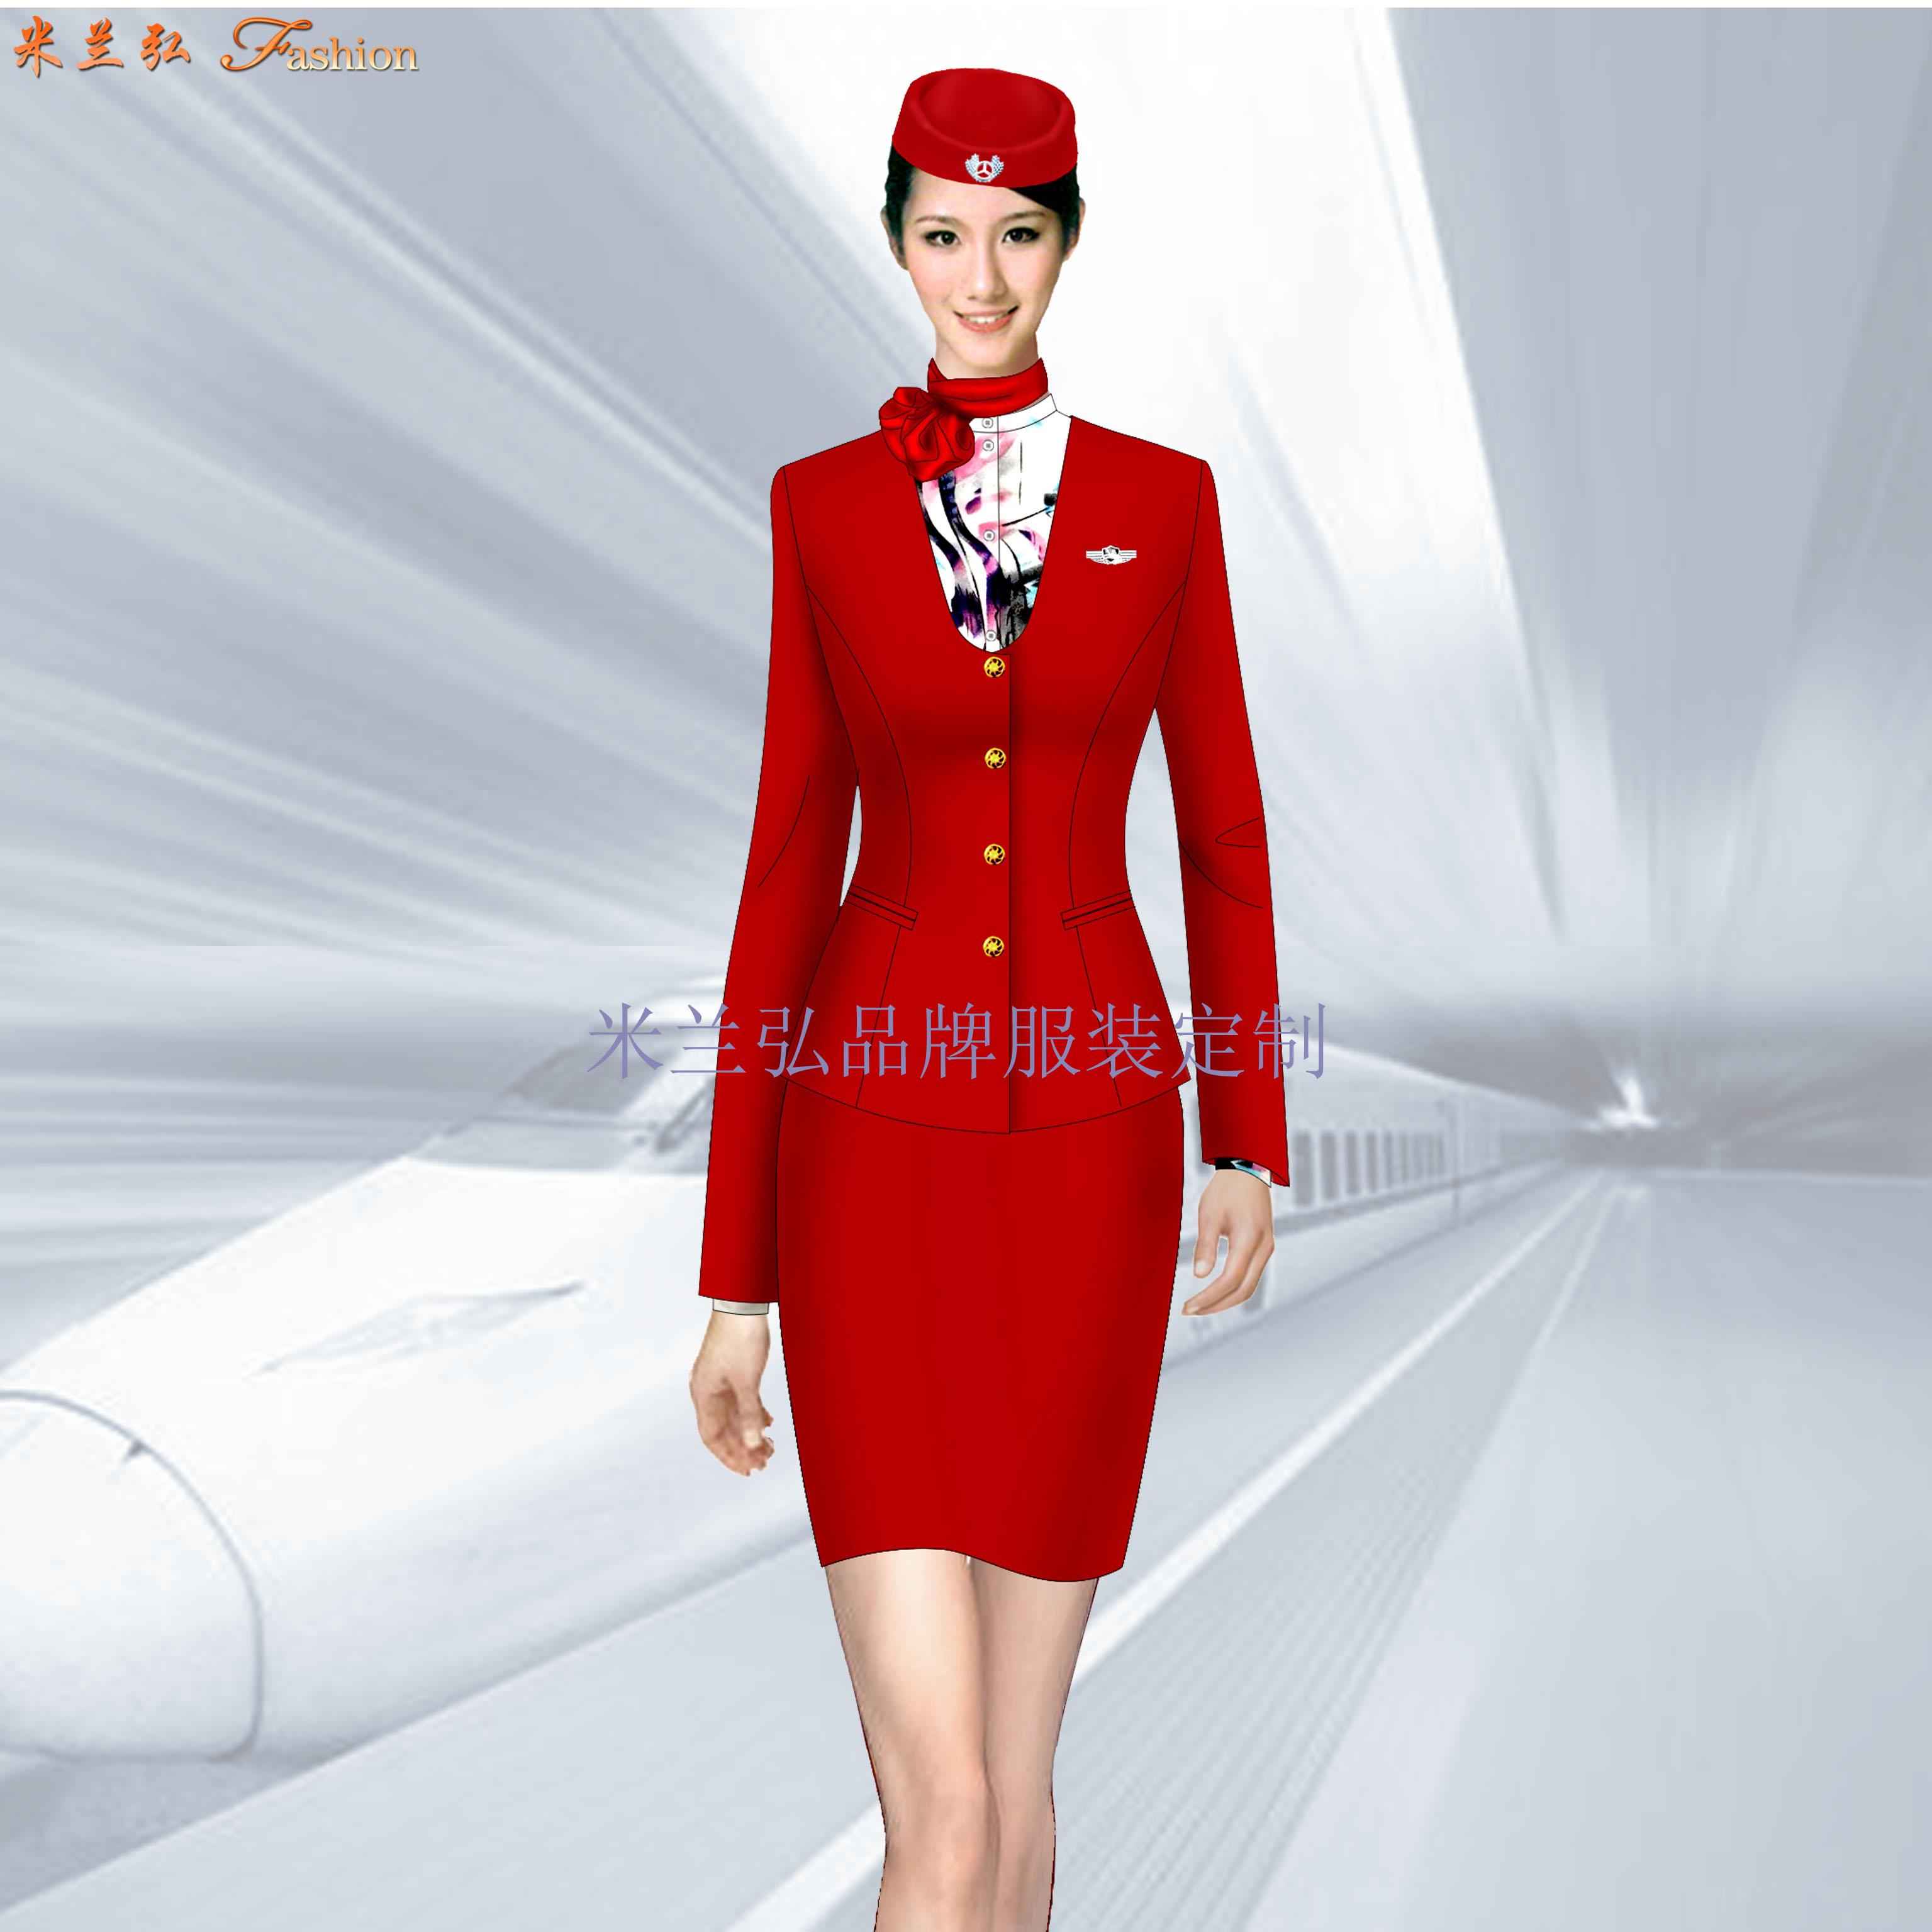 鐵路技術學校高鐵動車專業學生服裝定做廠家-米蘭弘服裝-4